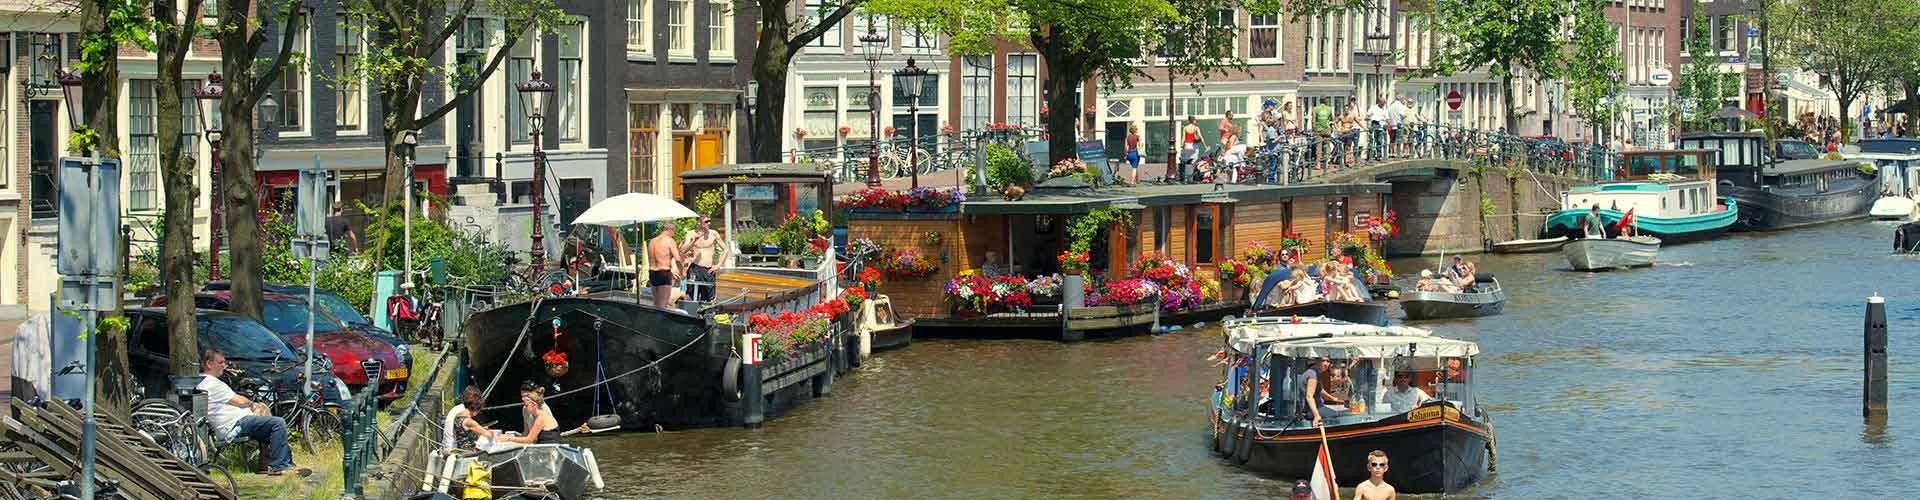 Amsterdam – Albergues no bairro de Amsterdam Centrum . Mapas para Amsterdam, Fotos e Avaliações para cada Albergue em Amsterdam.